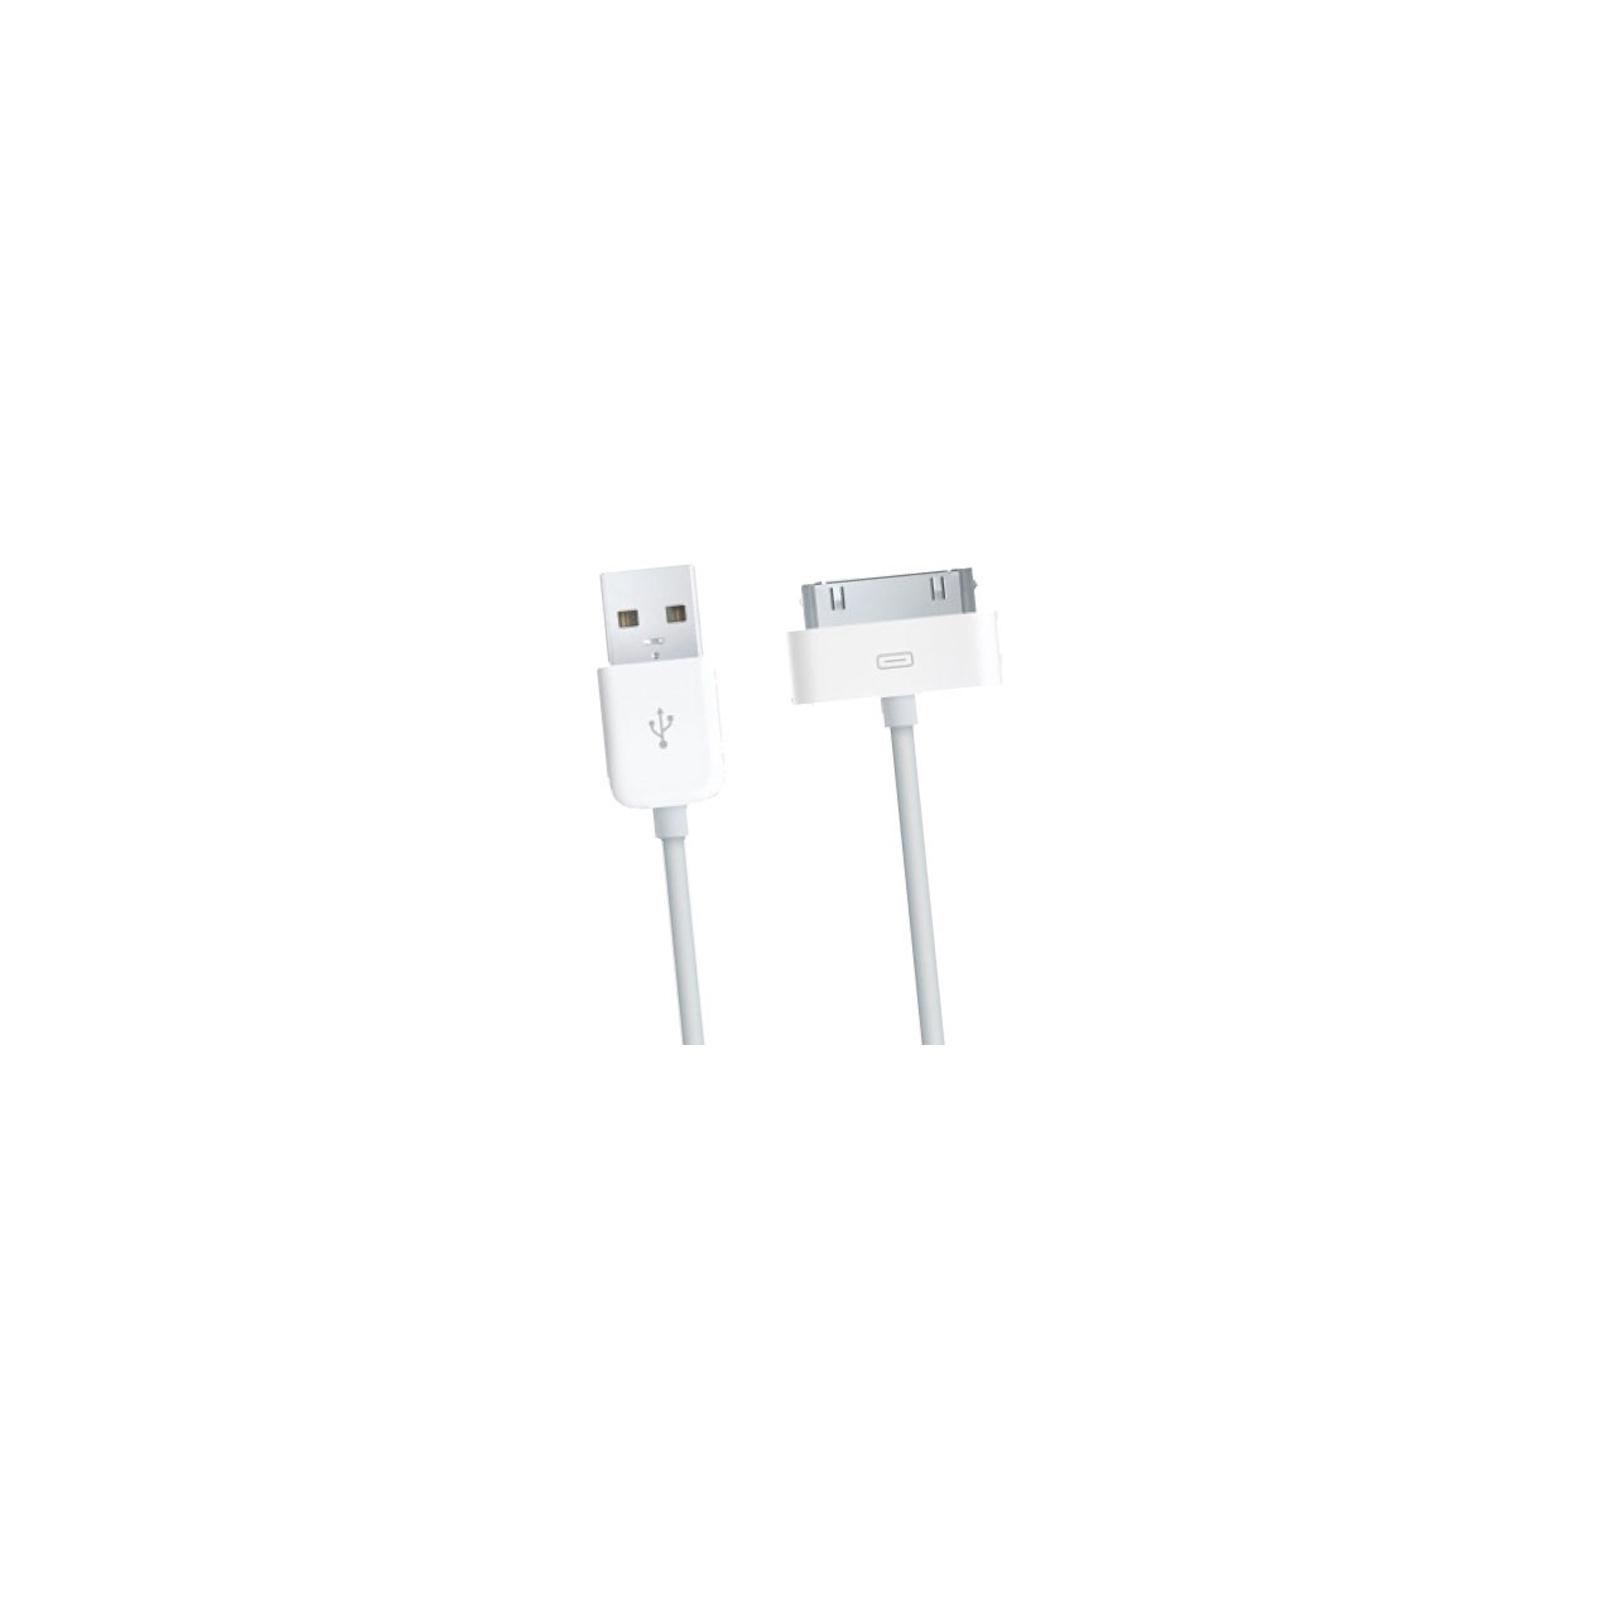 Зарядное устройство EasyLink (3 в 1) +кабель Dock (EL-189 W) изображение 3